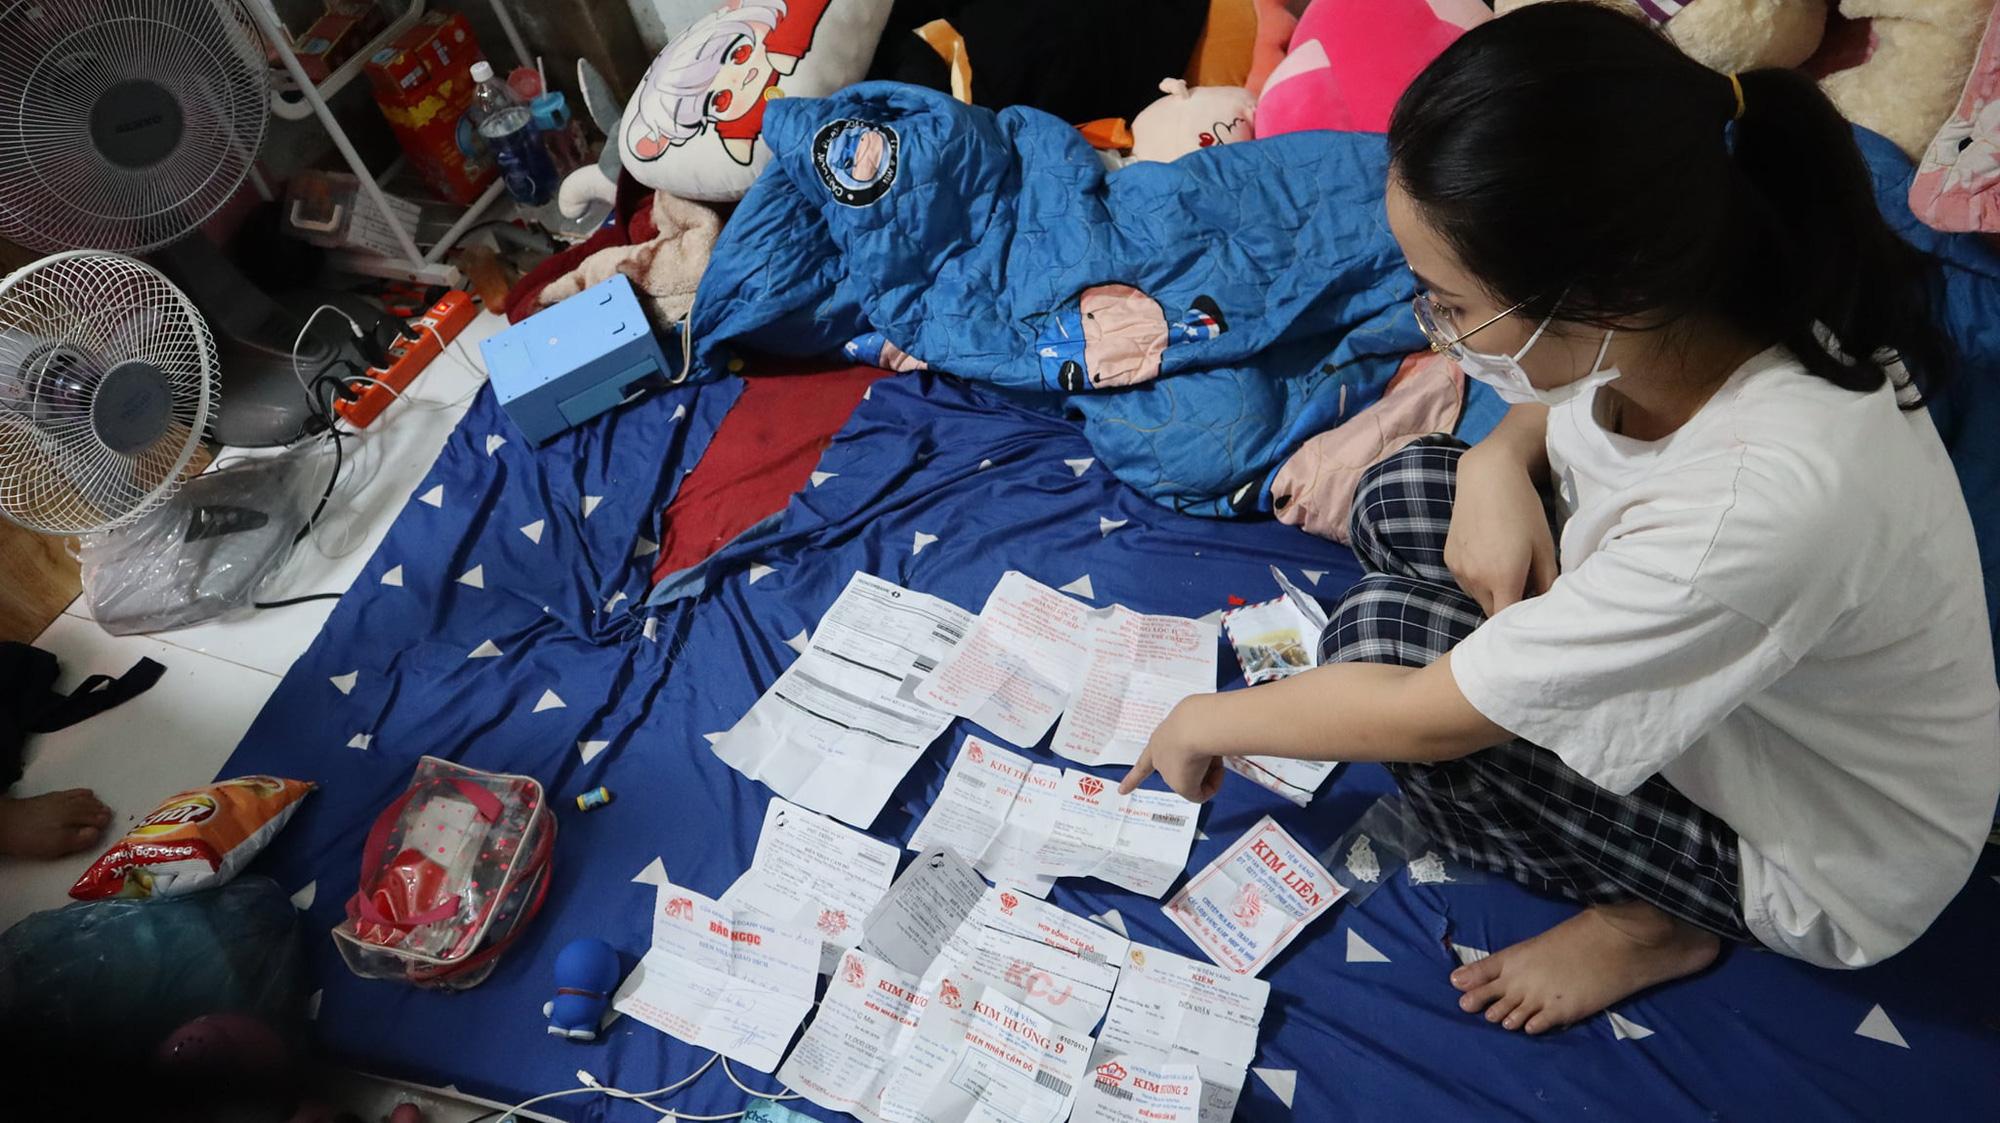 Bình Phước: Khởi tố hình sự vụ nữ nhân viên tiệm vàng lấy cắp nữ trang gần 10 tỷ đồng - Ảnh 2.